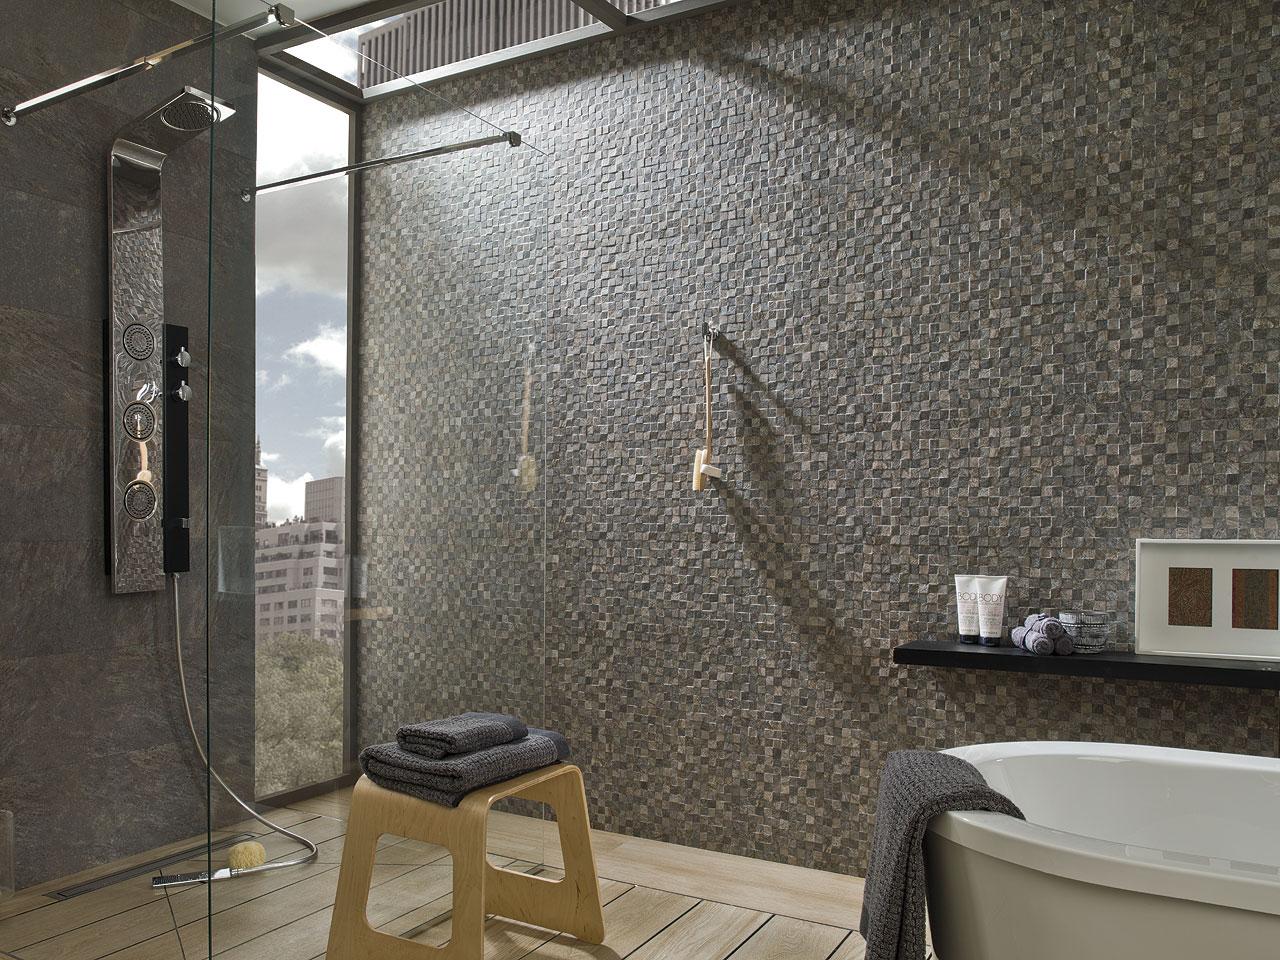 Reformas de baños | Reformas Valero Redondo